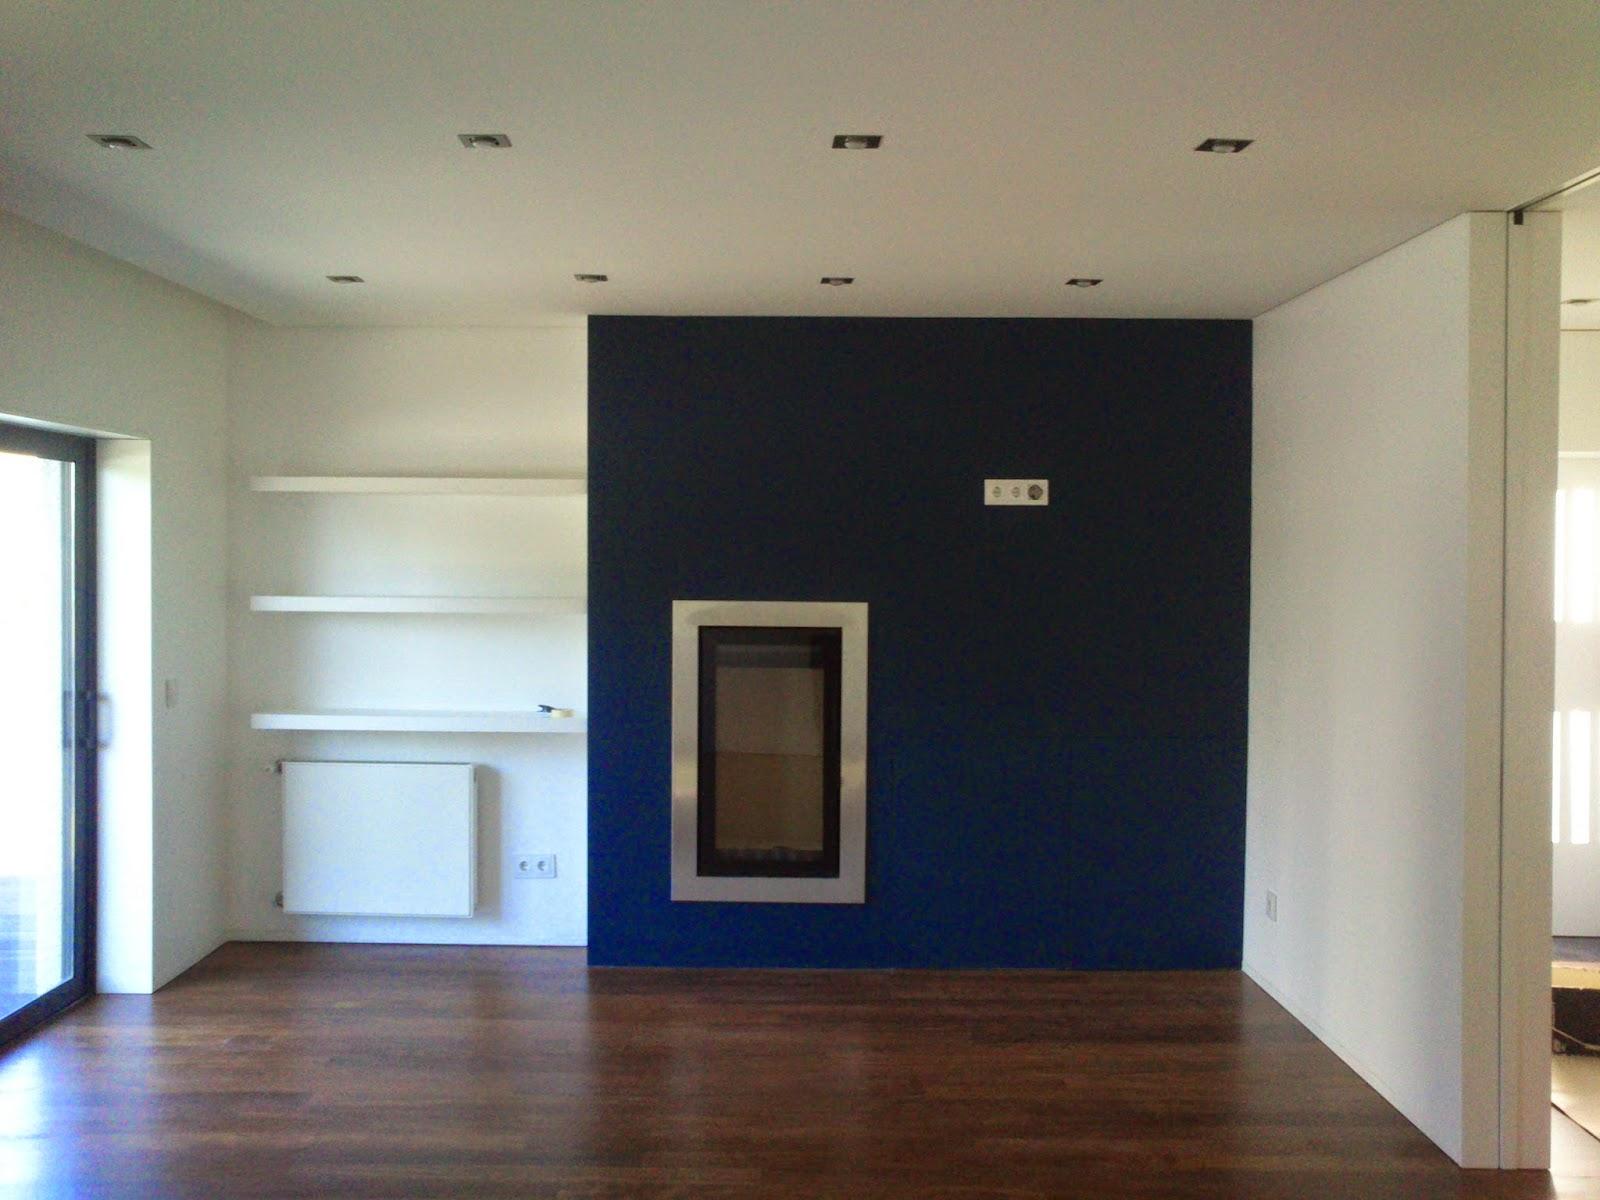 Oficina de obras paredes e tetos em pladur - Paredes de pladur ...